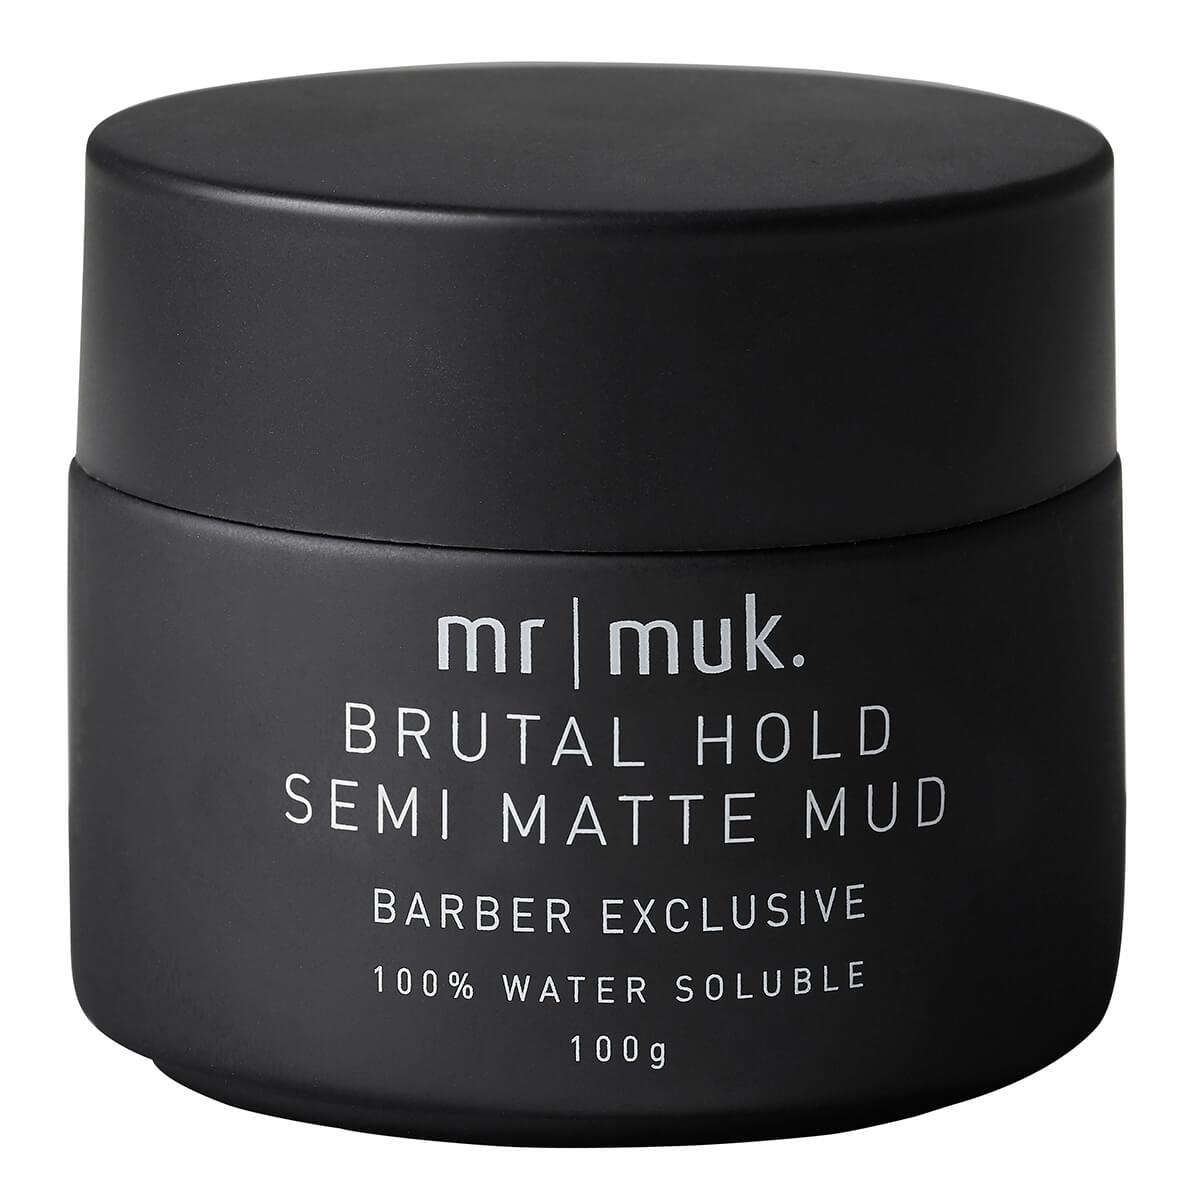 MR MUK BRUTAL - 100g